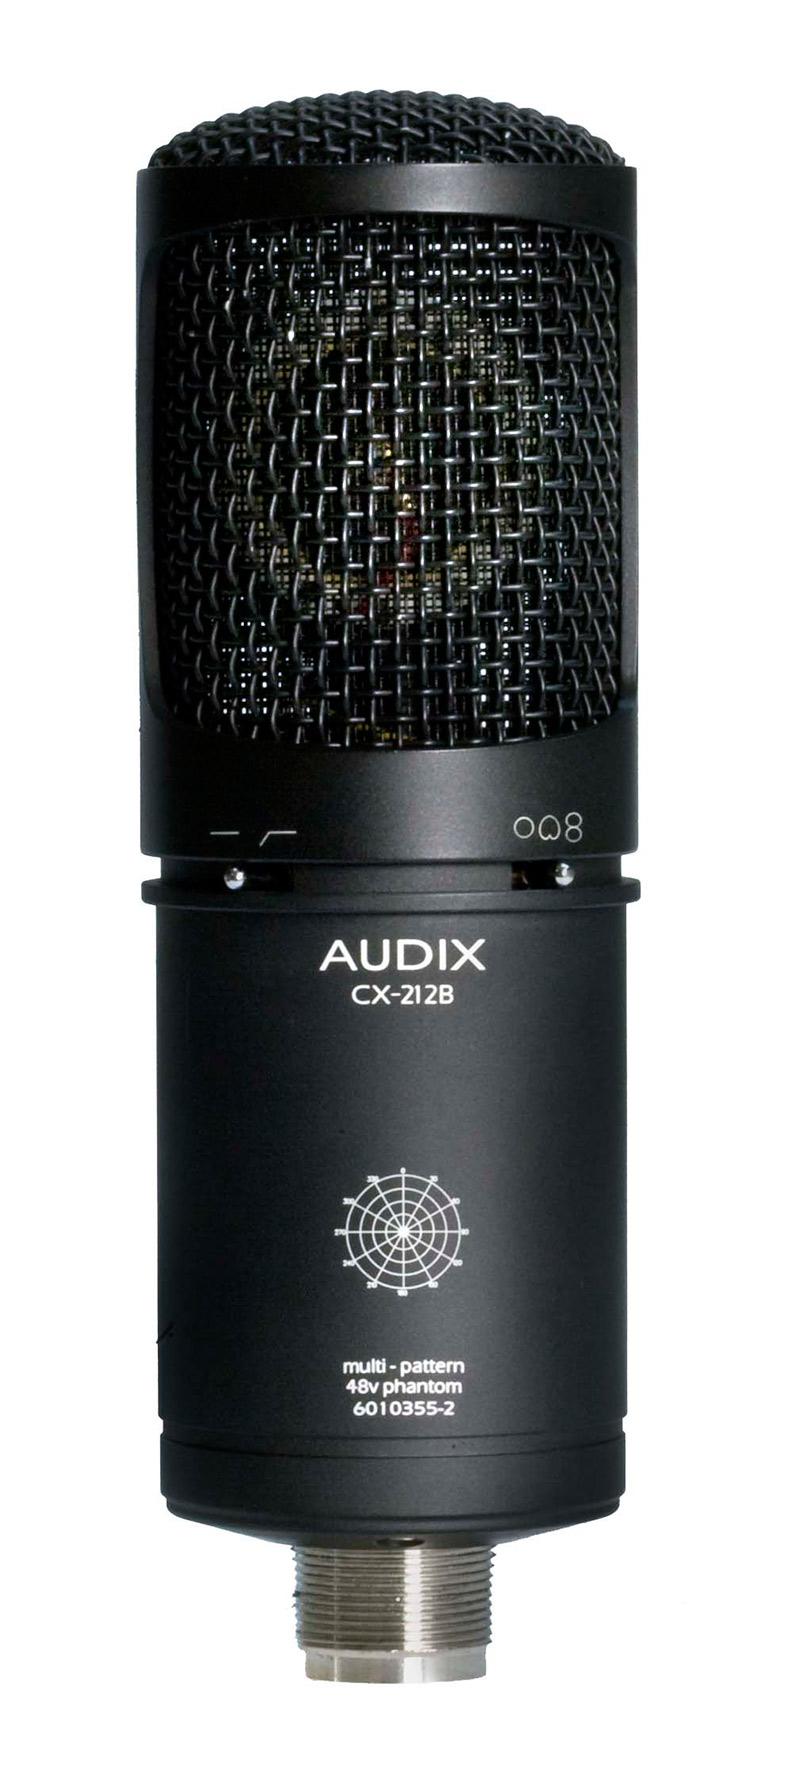 2 x CX-212B's (room mics)